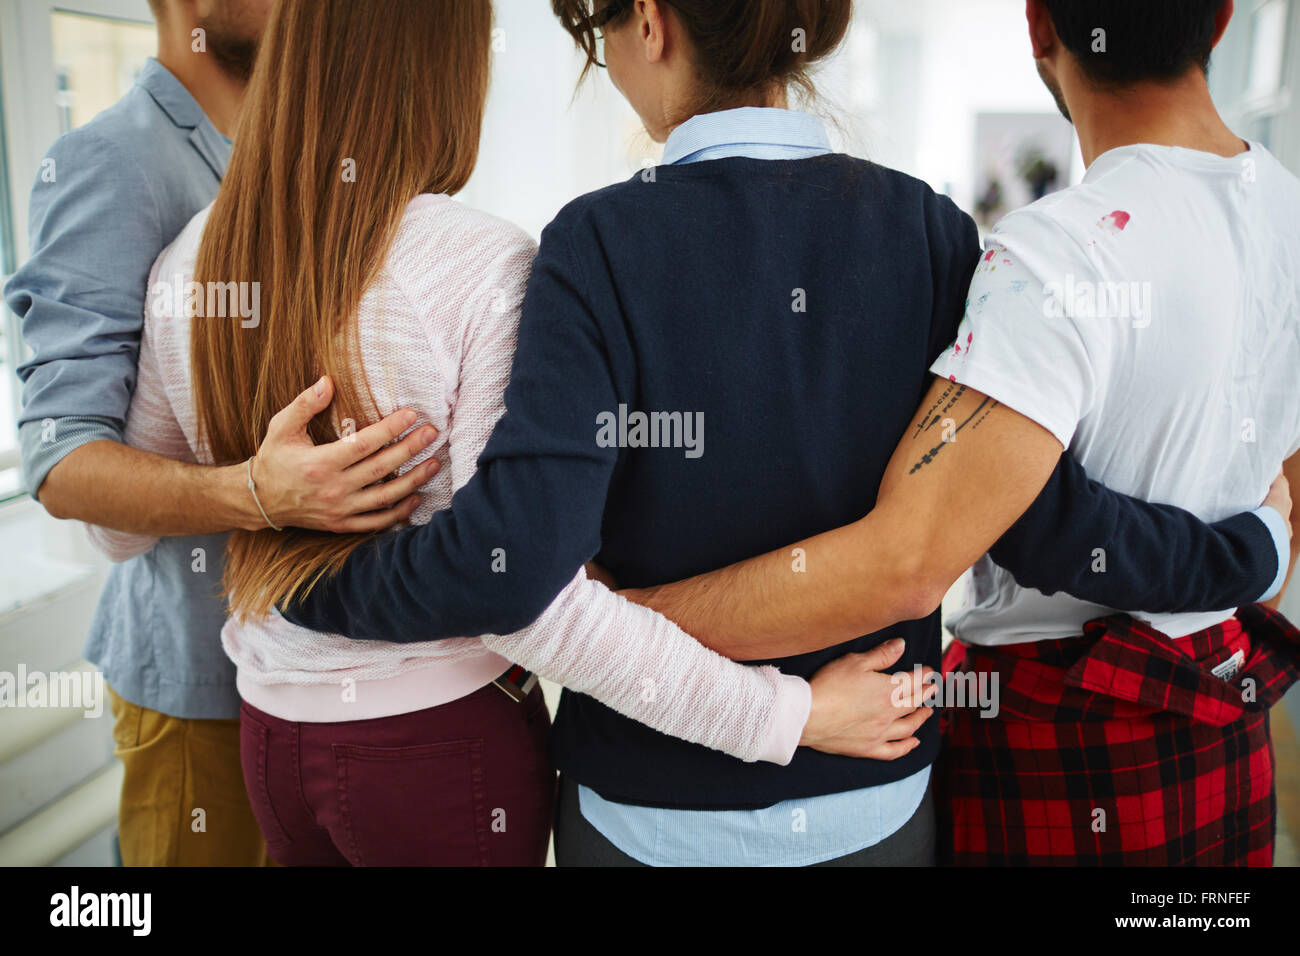 Embrace of groupmates - Stock Image